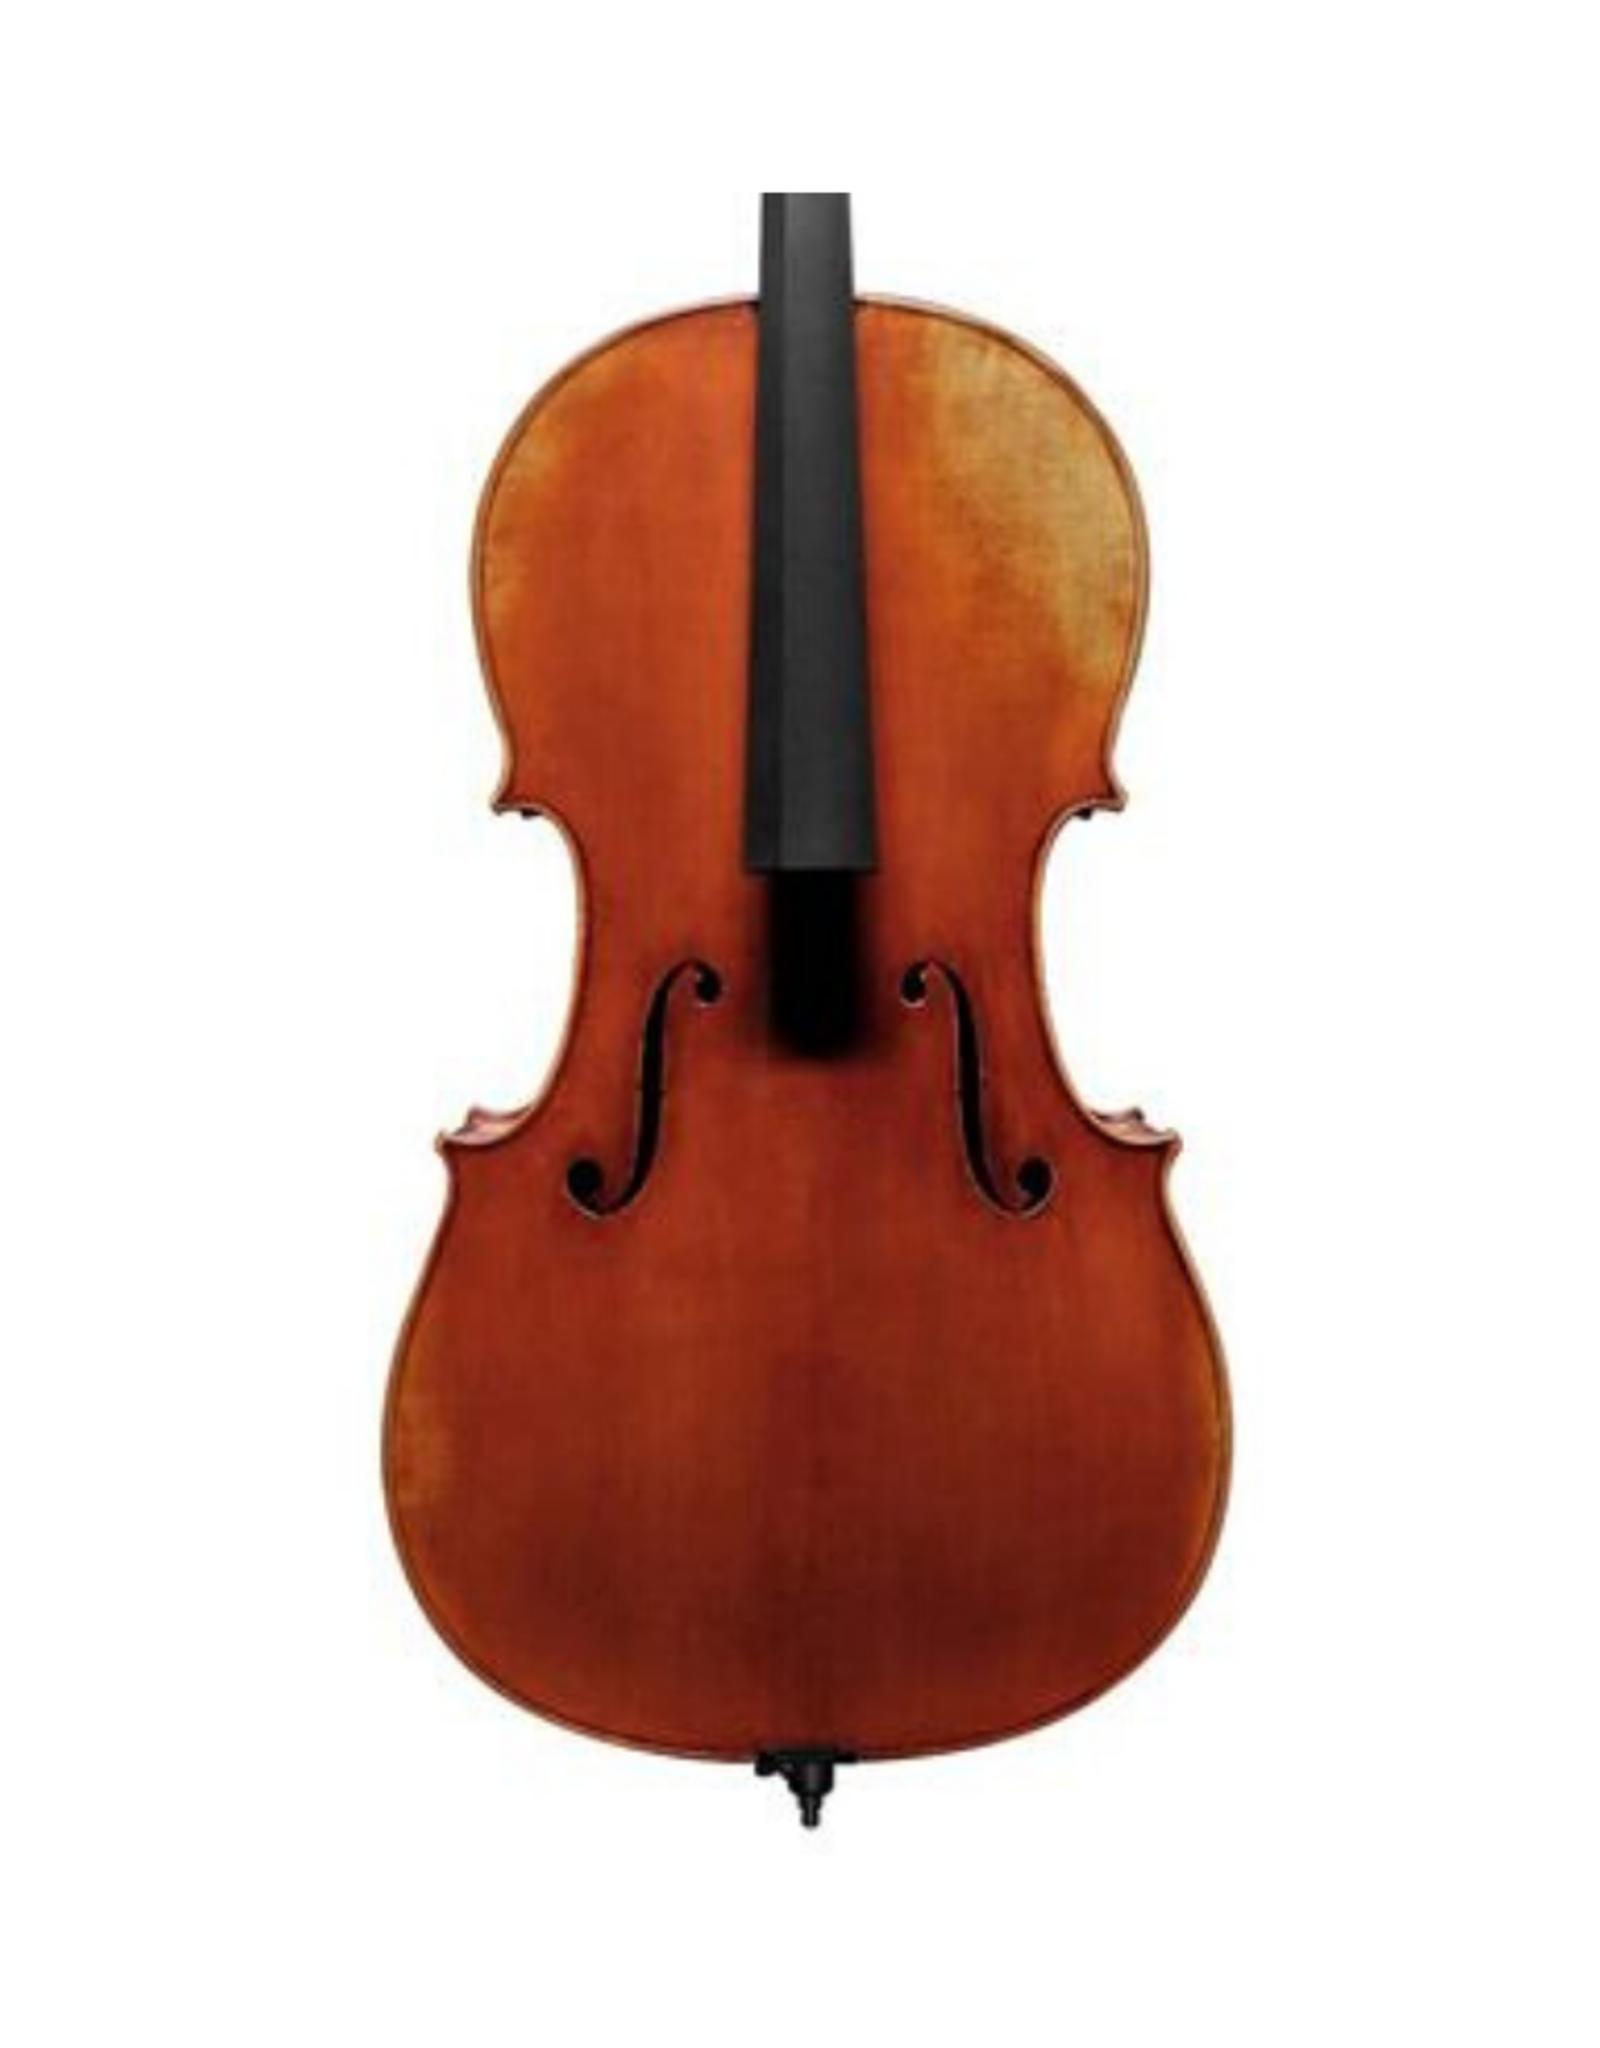 Cello 7/8, geselecteerd sparren en mooi gevlamd esdoorn, gepatineerde lak, 'Stainer model'